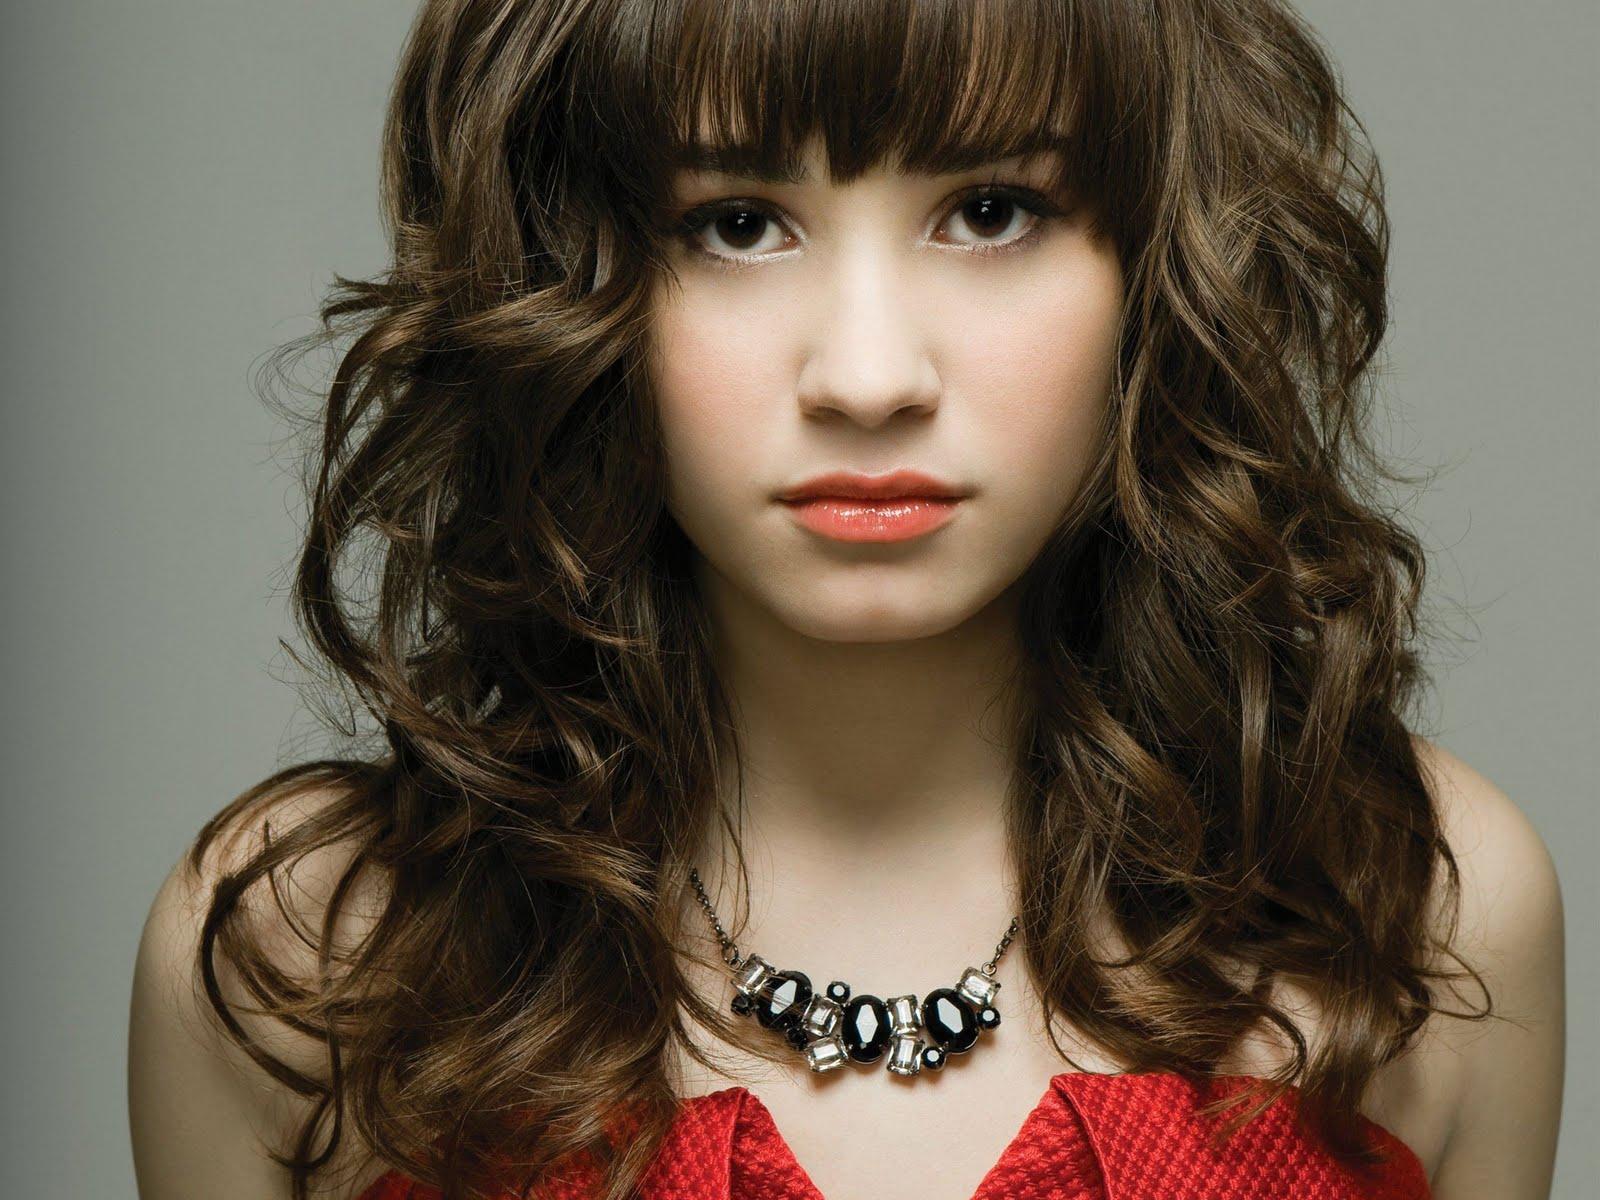 http://4.bp.blogspot.com/-4F8zkV1tZk0/TiM3__CJdKI/AAAAAAAAABg/MNBipFX_slQ/s1600/Demi-Lovato-2011.jpg